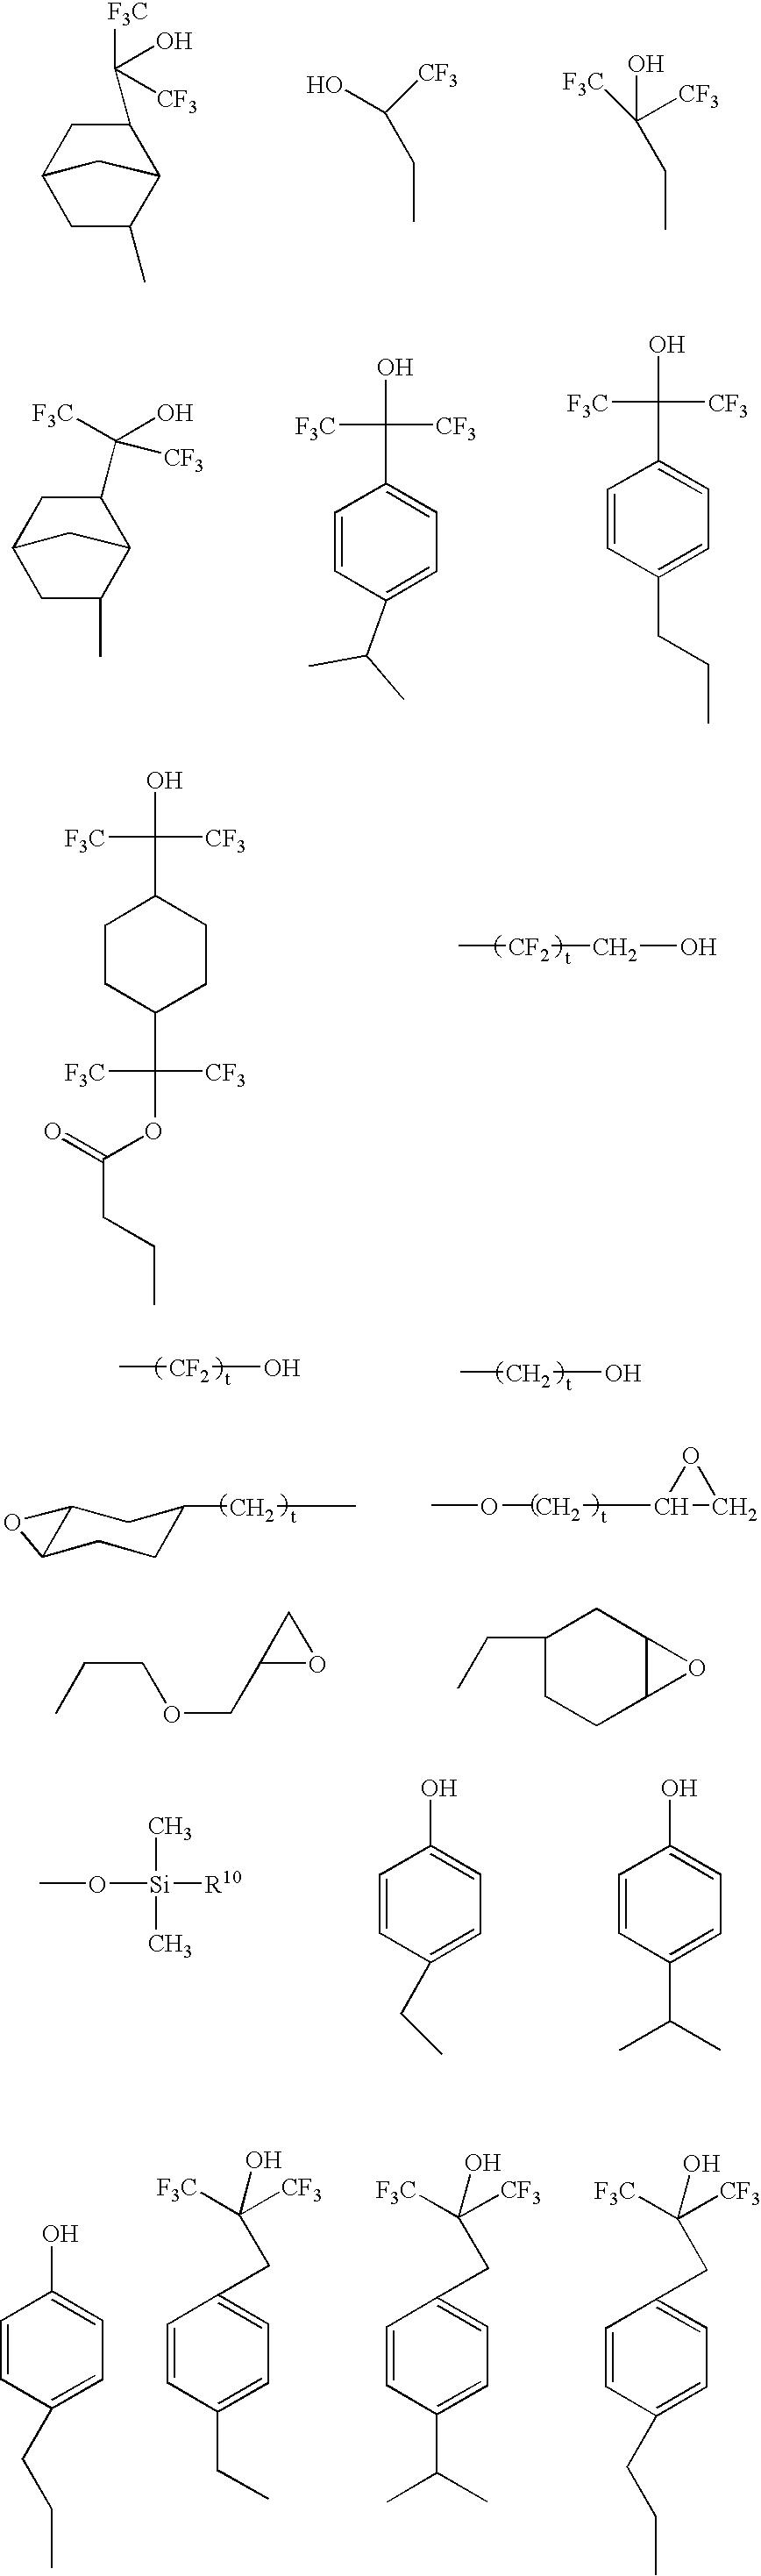 Figure US07306853-20071211-C00020